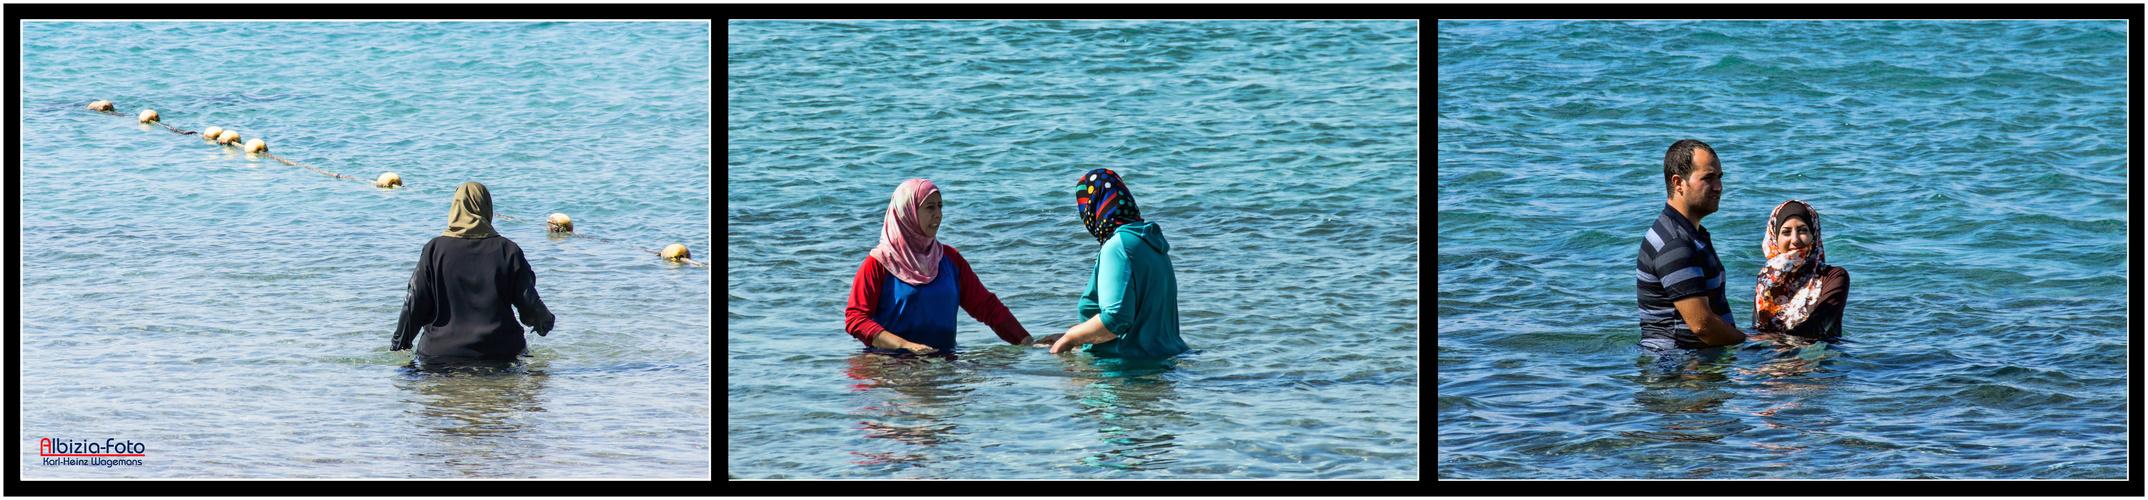 Badefreuden im Roten Meer, Aqaba (Jordanien)